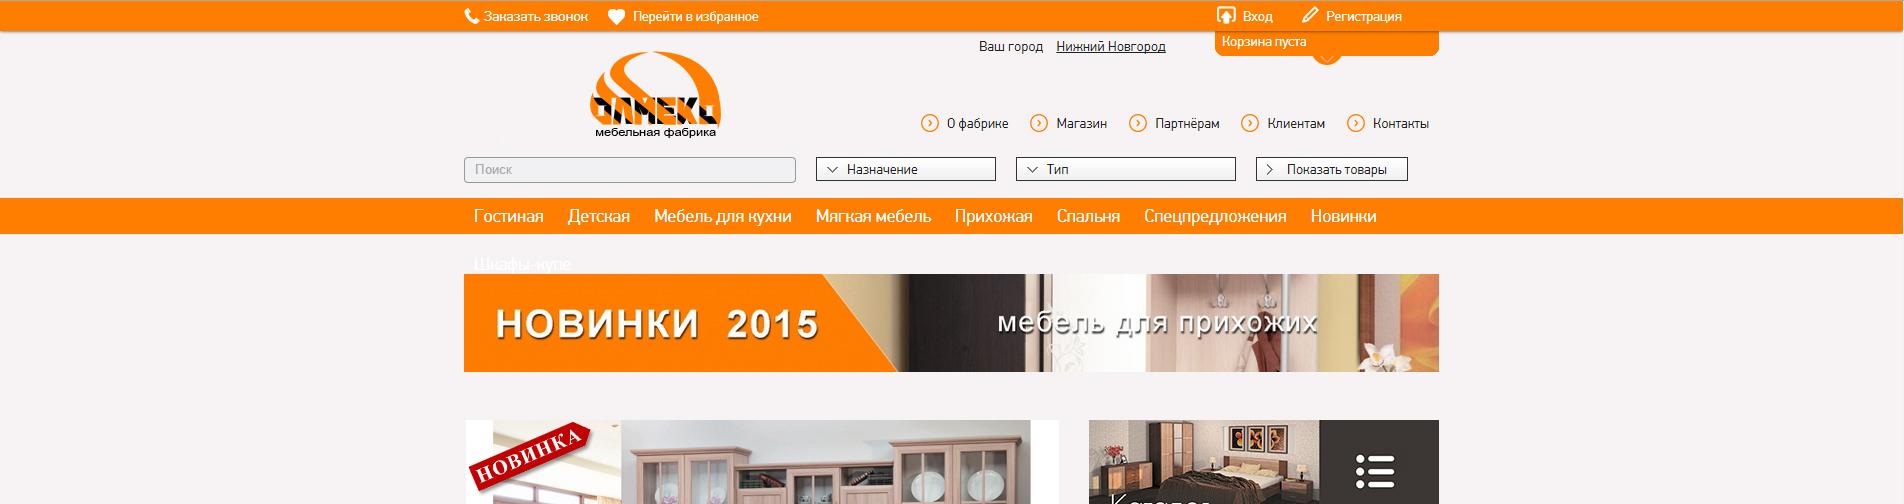 Ребрендинг/Редизайн логотипа Мебельной Фабрики фото f_58554901c403d58c.jpg